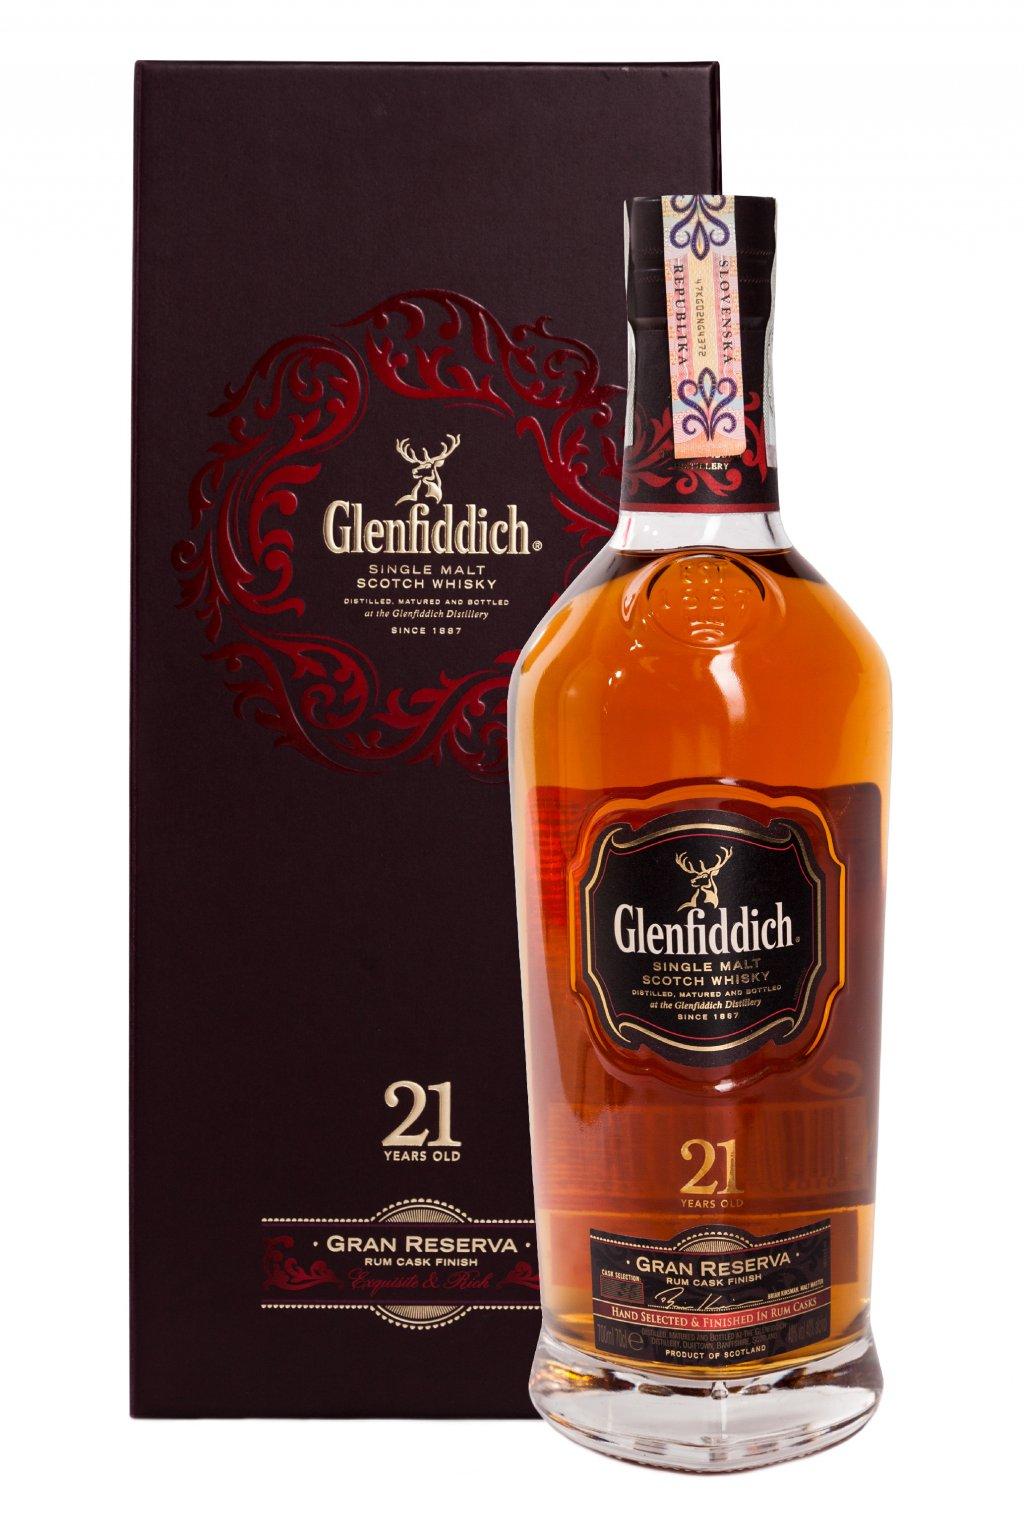 Glenfiddich 21 roc